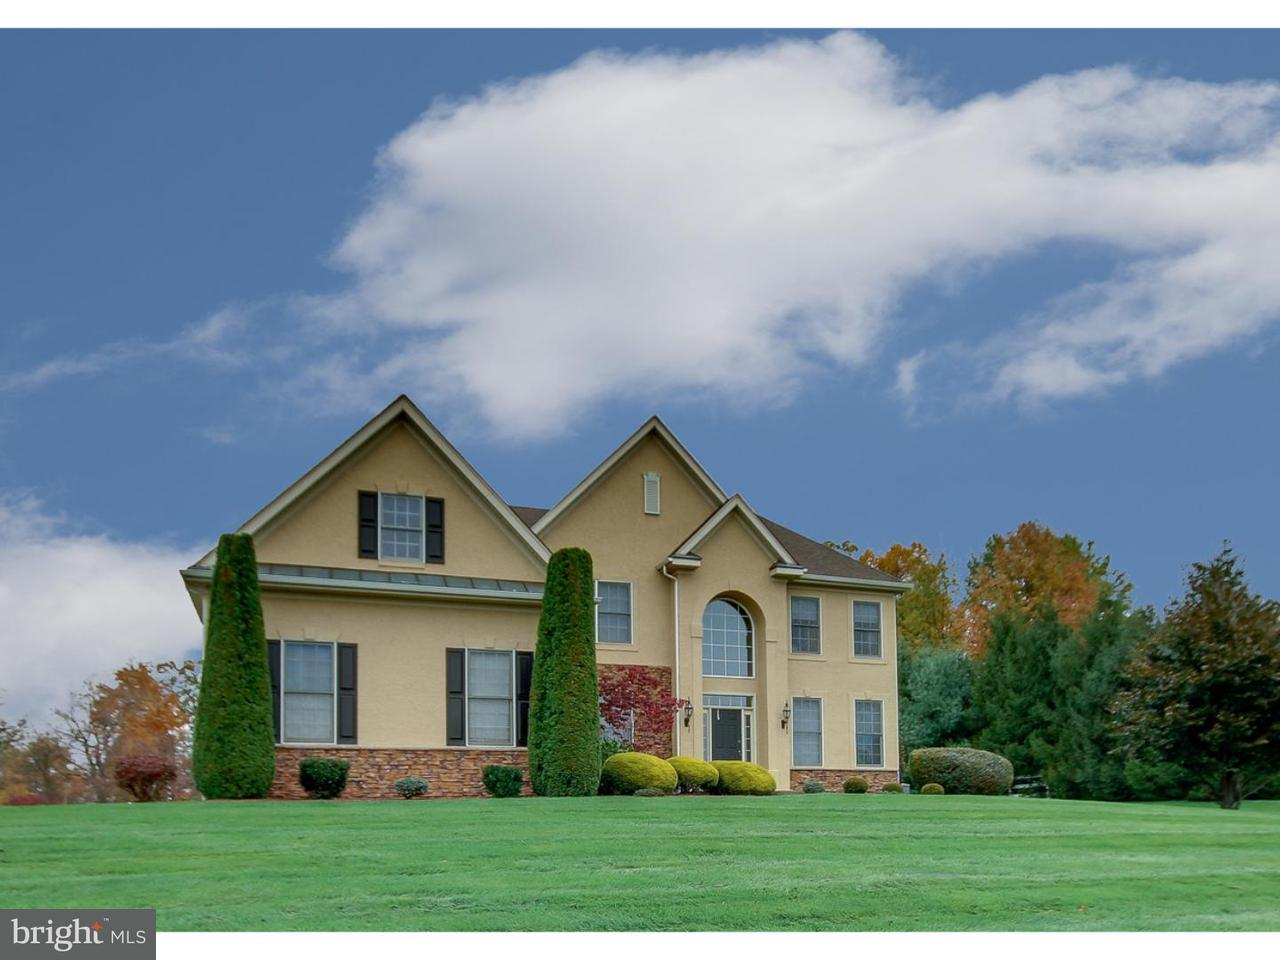 独户住宅 为 销售 在 120 PEACH BLOSSOM Lane Ivyland, 宾夕法尼亚州 18974 美国